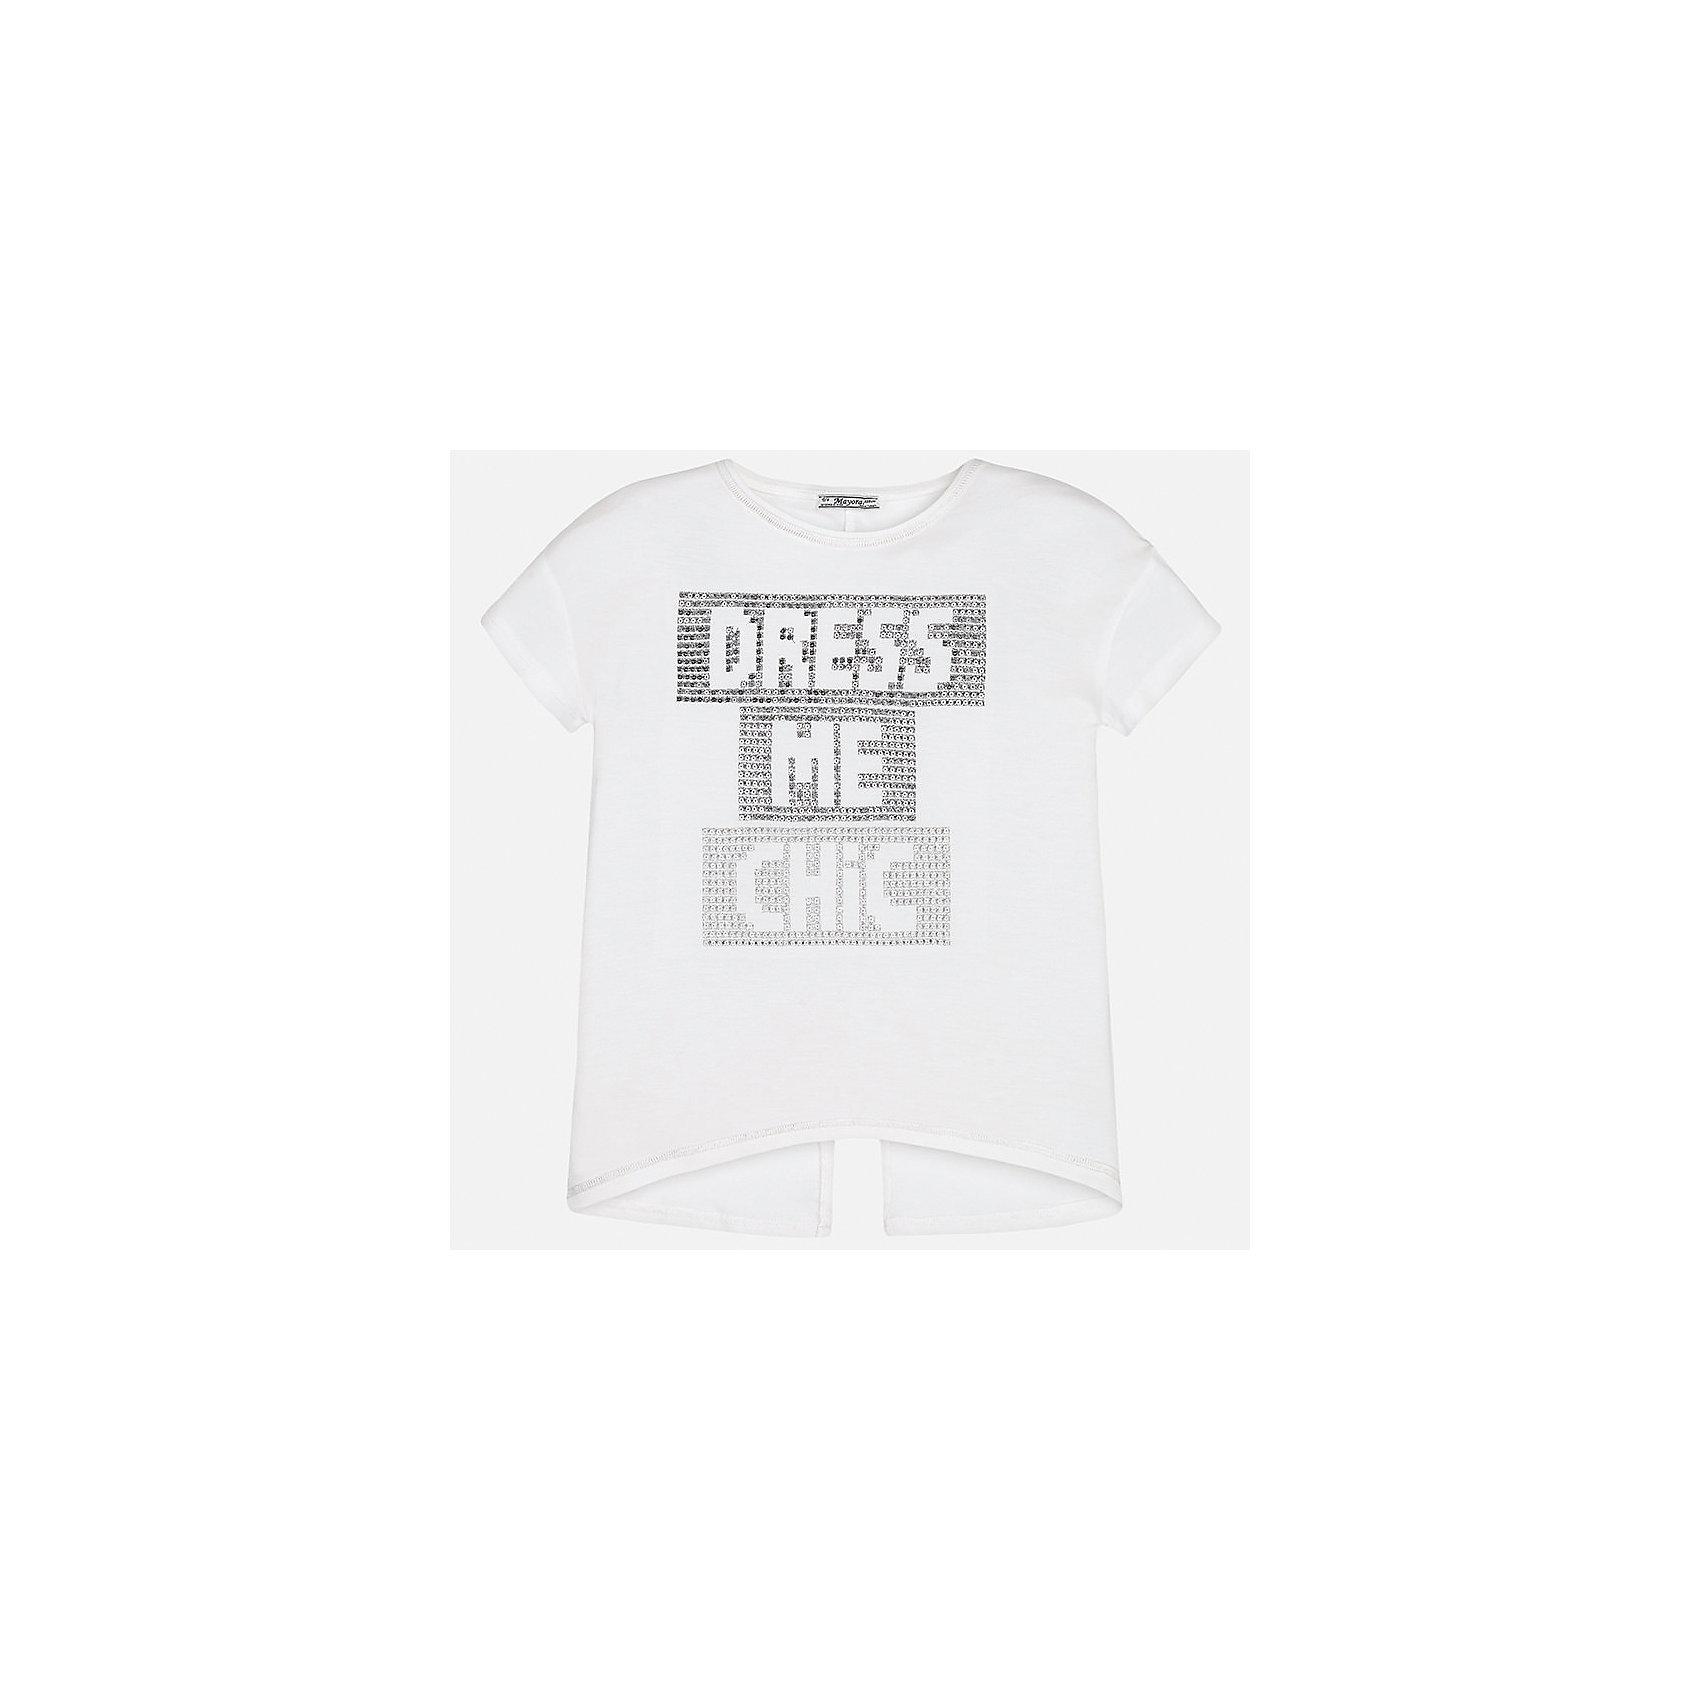 Футболка для девочки MayoralХарактеристики товара:<br><br>• цвет: белый<br>• состав: 95% вискоза, 5% эластан<br>• контрастная прострочка<br>• декорирована стразами<br>• короткие рукава<br>• разрез на спине<br>• страна бренда: Испания<br><br>Стильная оригинальная футболка для девочки поможет разнообразить гардероб ребенка и украсить наряд. Она отлично сочетается и с юбками, и с шортами, и с брюками. Универсальный цвет позволяет подобрать к вещи низ практически любой расцветки. Интересная отделка модели делает её нарядной и оригинальной. <br><br>Одежда, обувь и аксессуары от испанского бренда Mayoral полюбились детям и взрослым по всему миру. Модели этой марки - стильные и удобные. Для их производства используются только безопасные, качественные материалы и фурнитура. Порадуйте ребенка модными и красивыми вещами от Mayoral! <br><br>Футболку для девочки от испанского бренда Mayoral (Майорал) можно купить в нашем интернет-магазине.<br><br>Ширина мм: 199<br>Глубина мм: 10<br>Высота мм: 161<br>Вес г: 151<br>Цвет: белый<br>Возраст от месяцев: 168<br>Возраст до месяцев: 180<br>Пол: Женский<br>Возраст: Детский<br>Размер: 128/134,140,152,158,164,170<br>SKU: 5300765